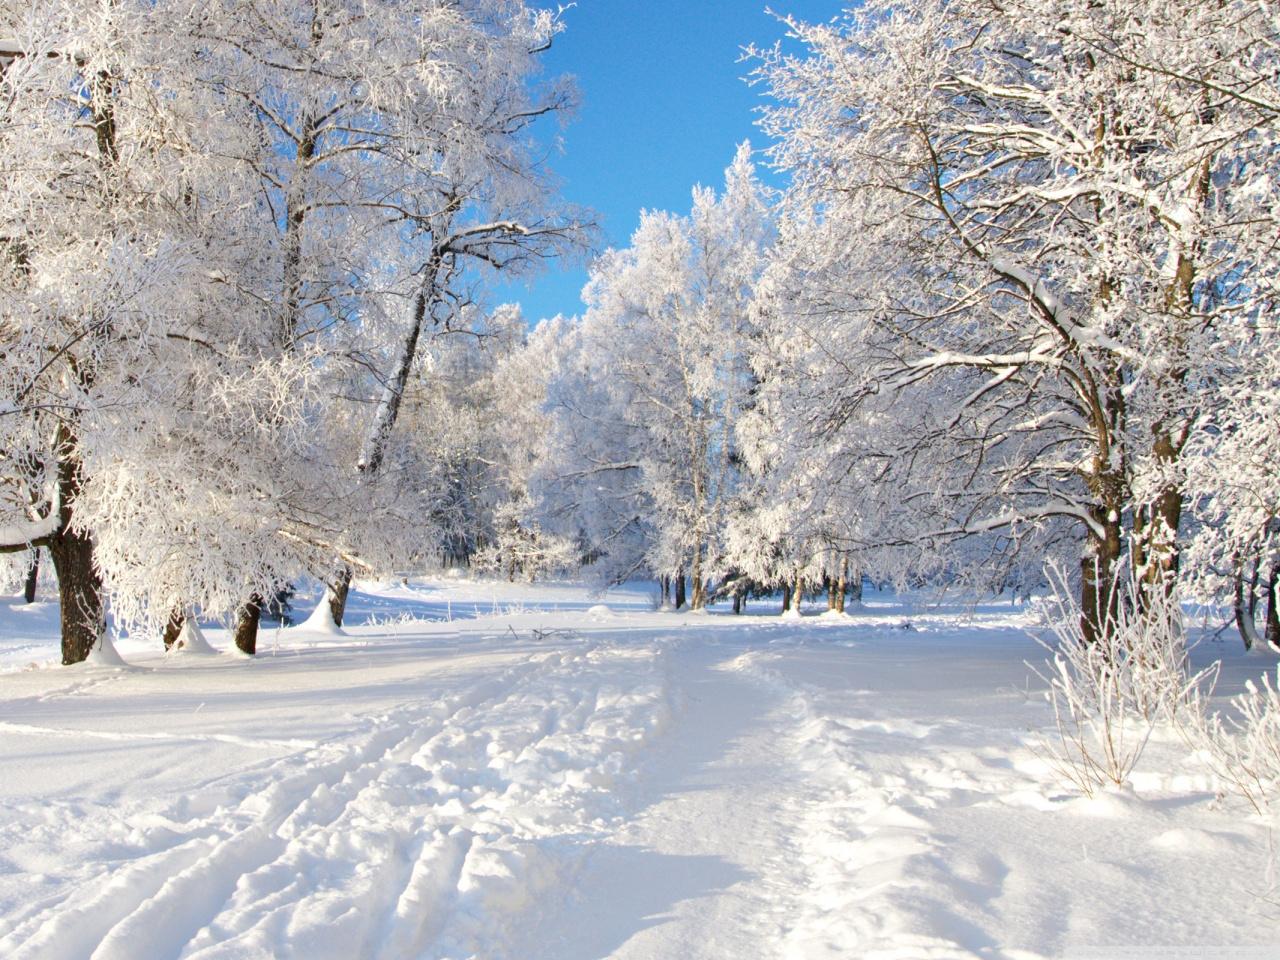 صوره موضوع عن فصل الشتاء قصير صاحب الظلال والجمال